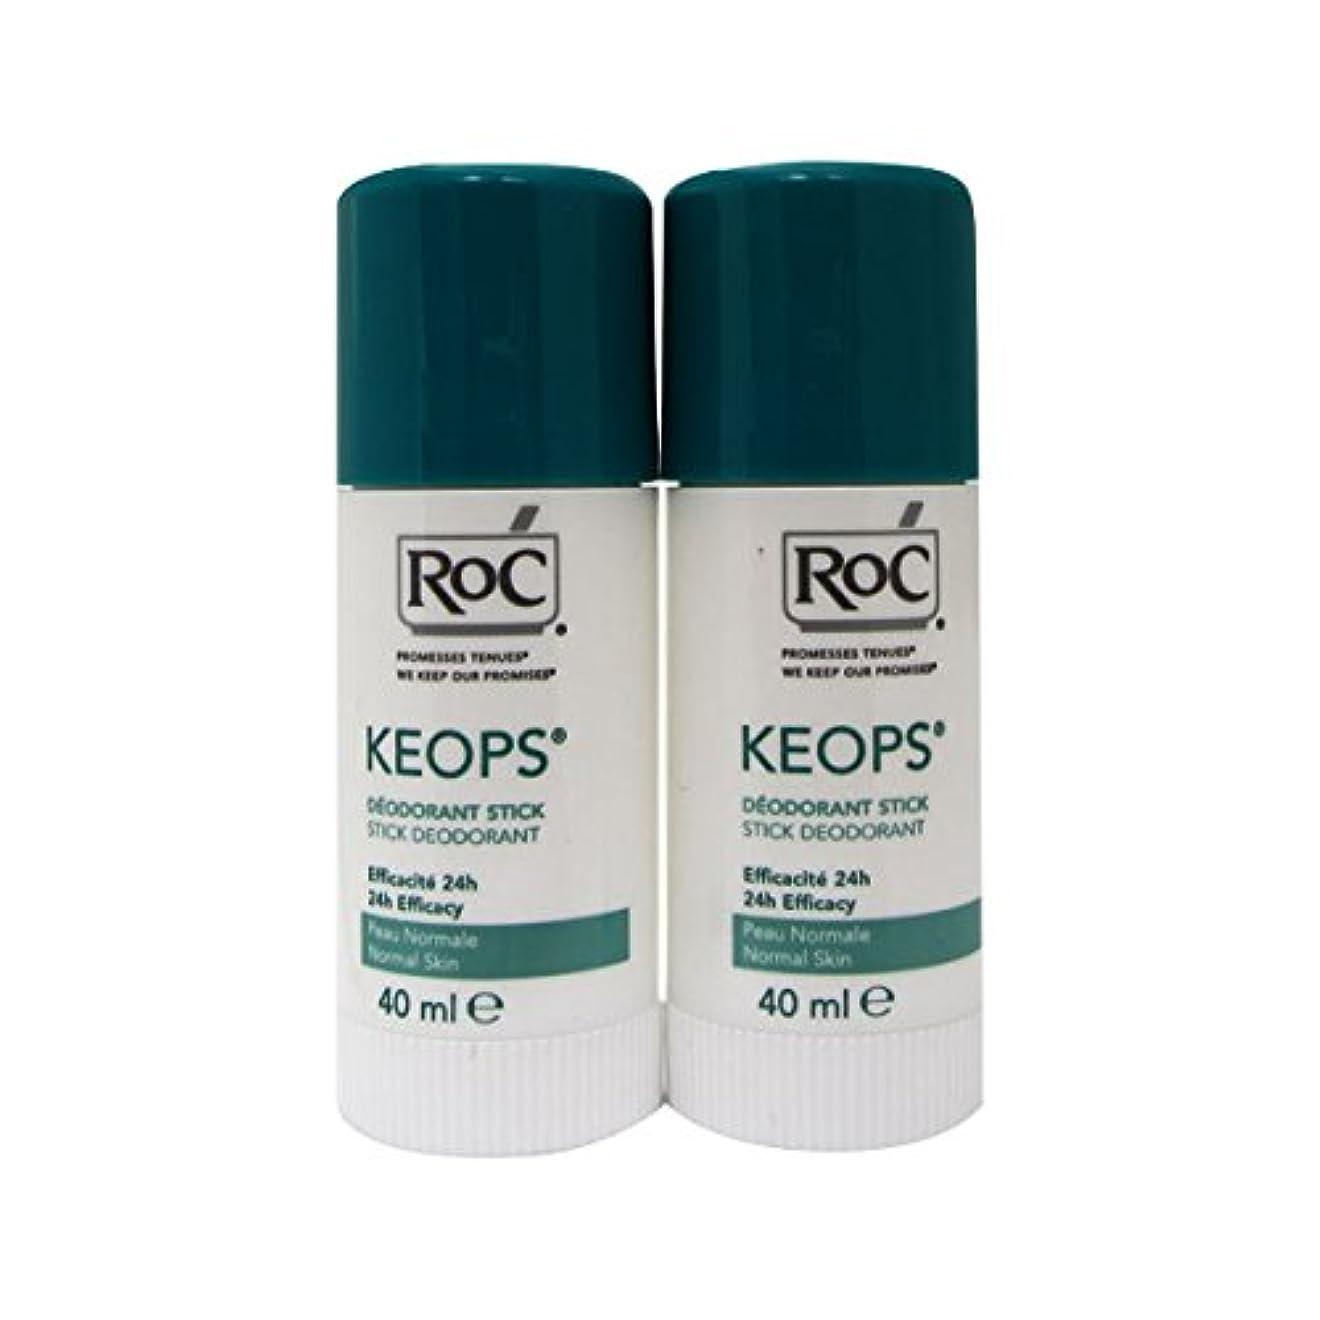 アレルギー性ラテン民族主義Roc Keops Deodorant Stick Soft Sweating 2x40ml [並行輸入品]